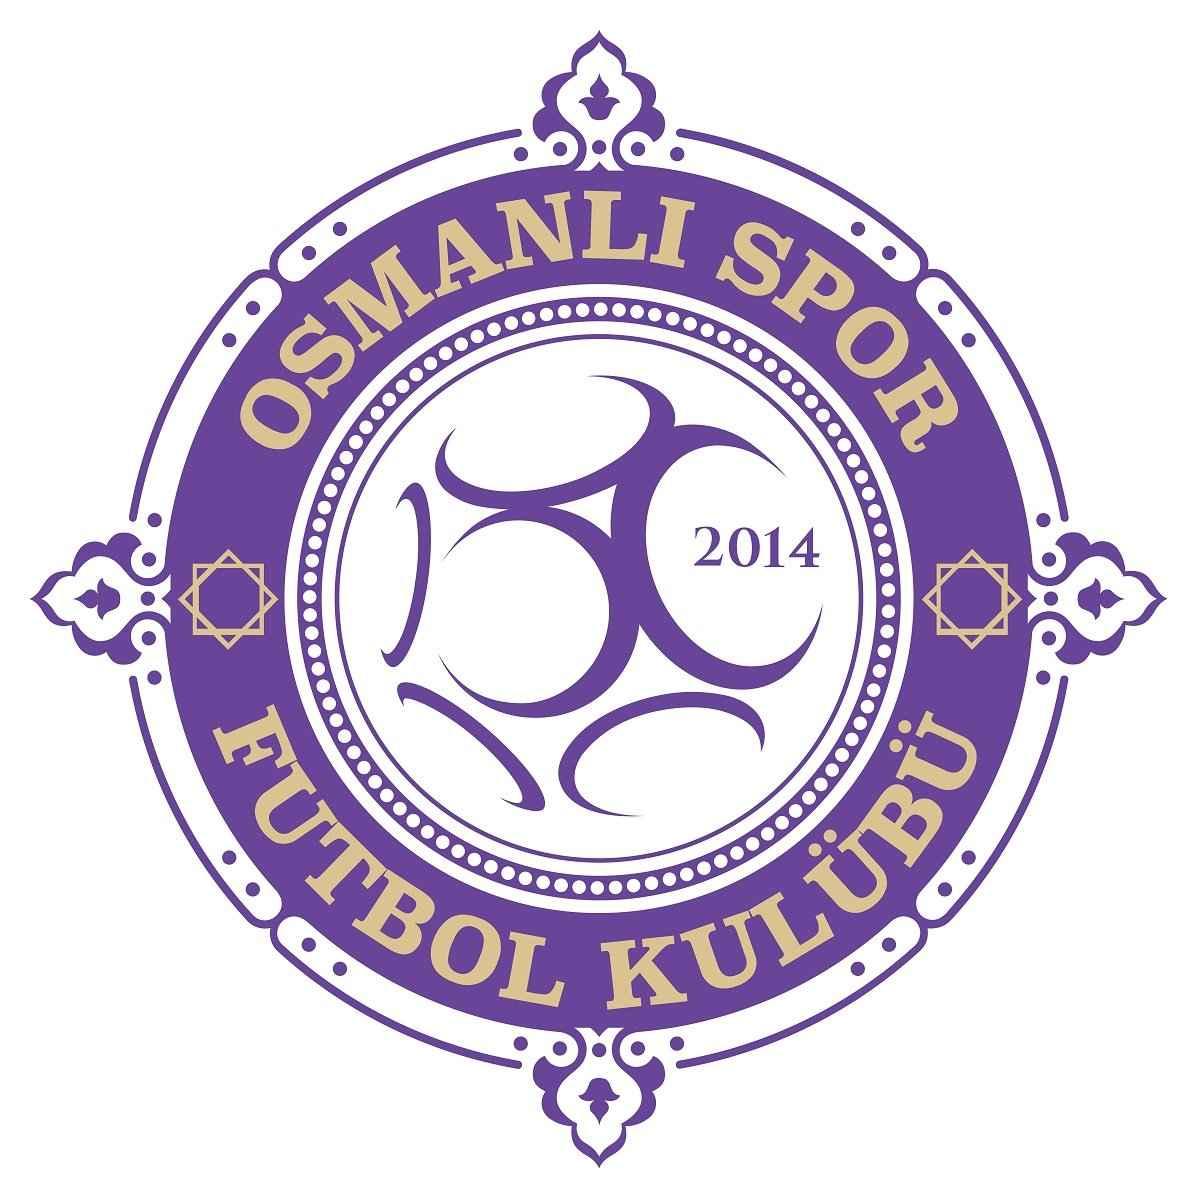 Osmanlıspor Logo png